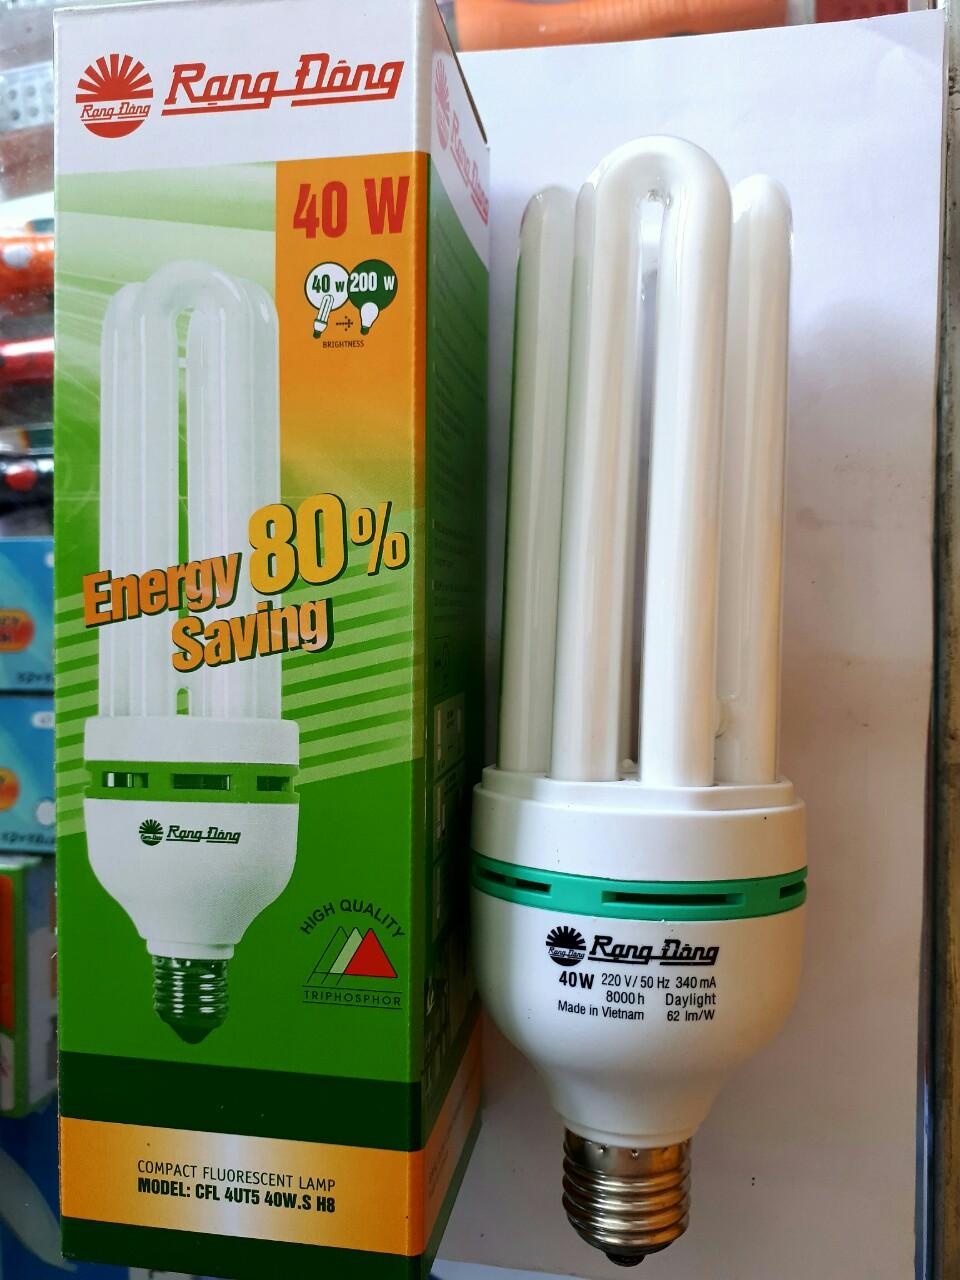 Bóng đèn huỳnh quang compact CFL 4UT5 40W H8 RANGDONG